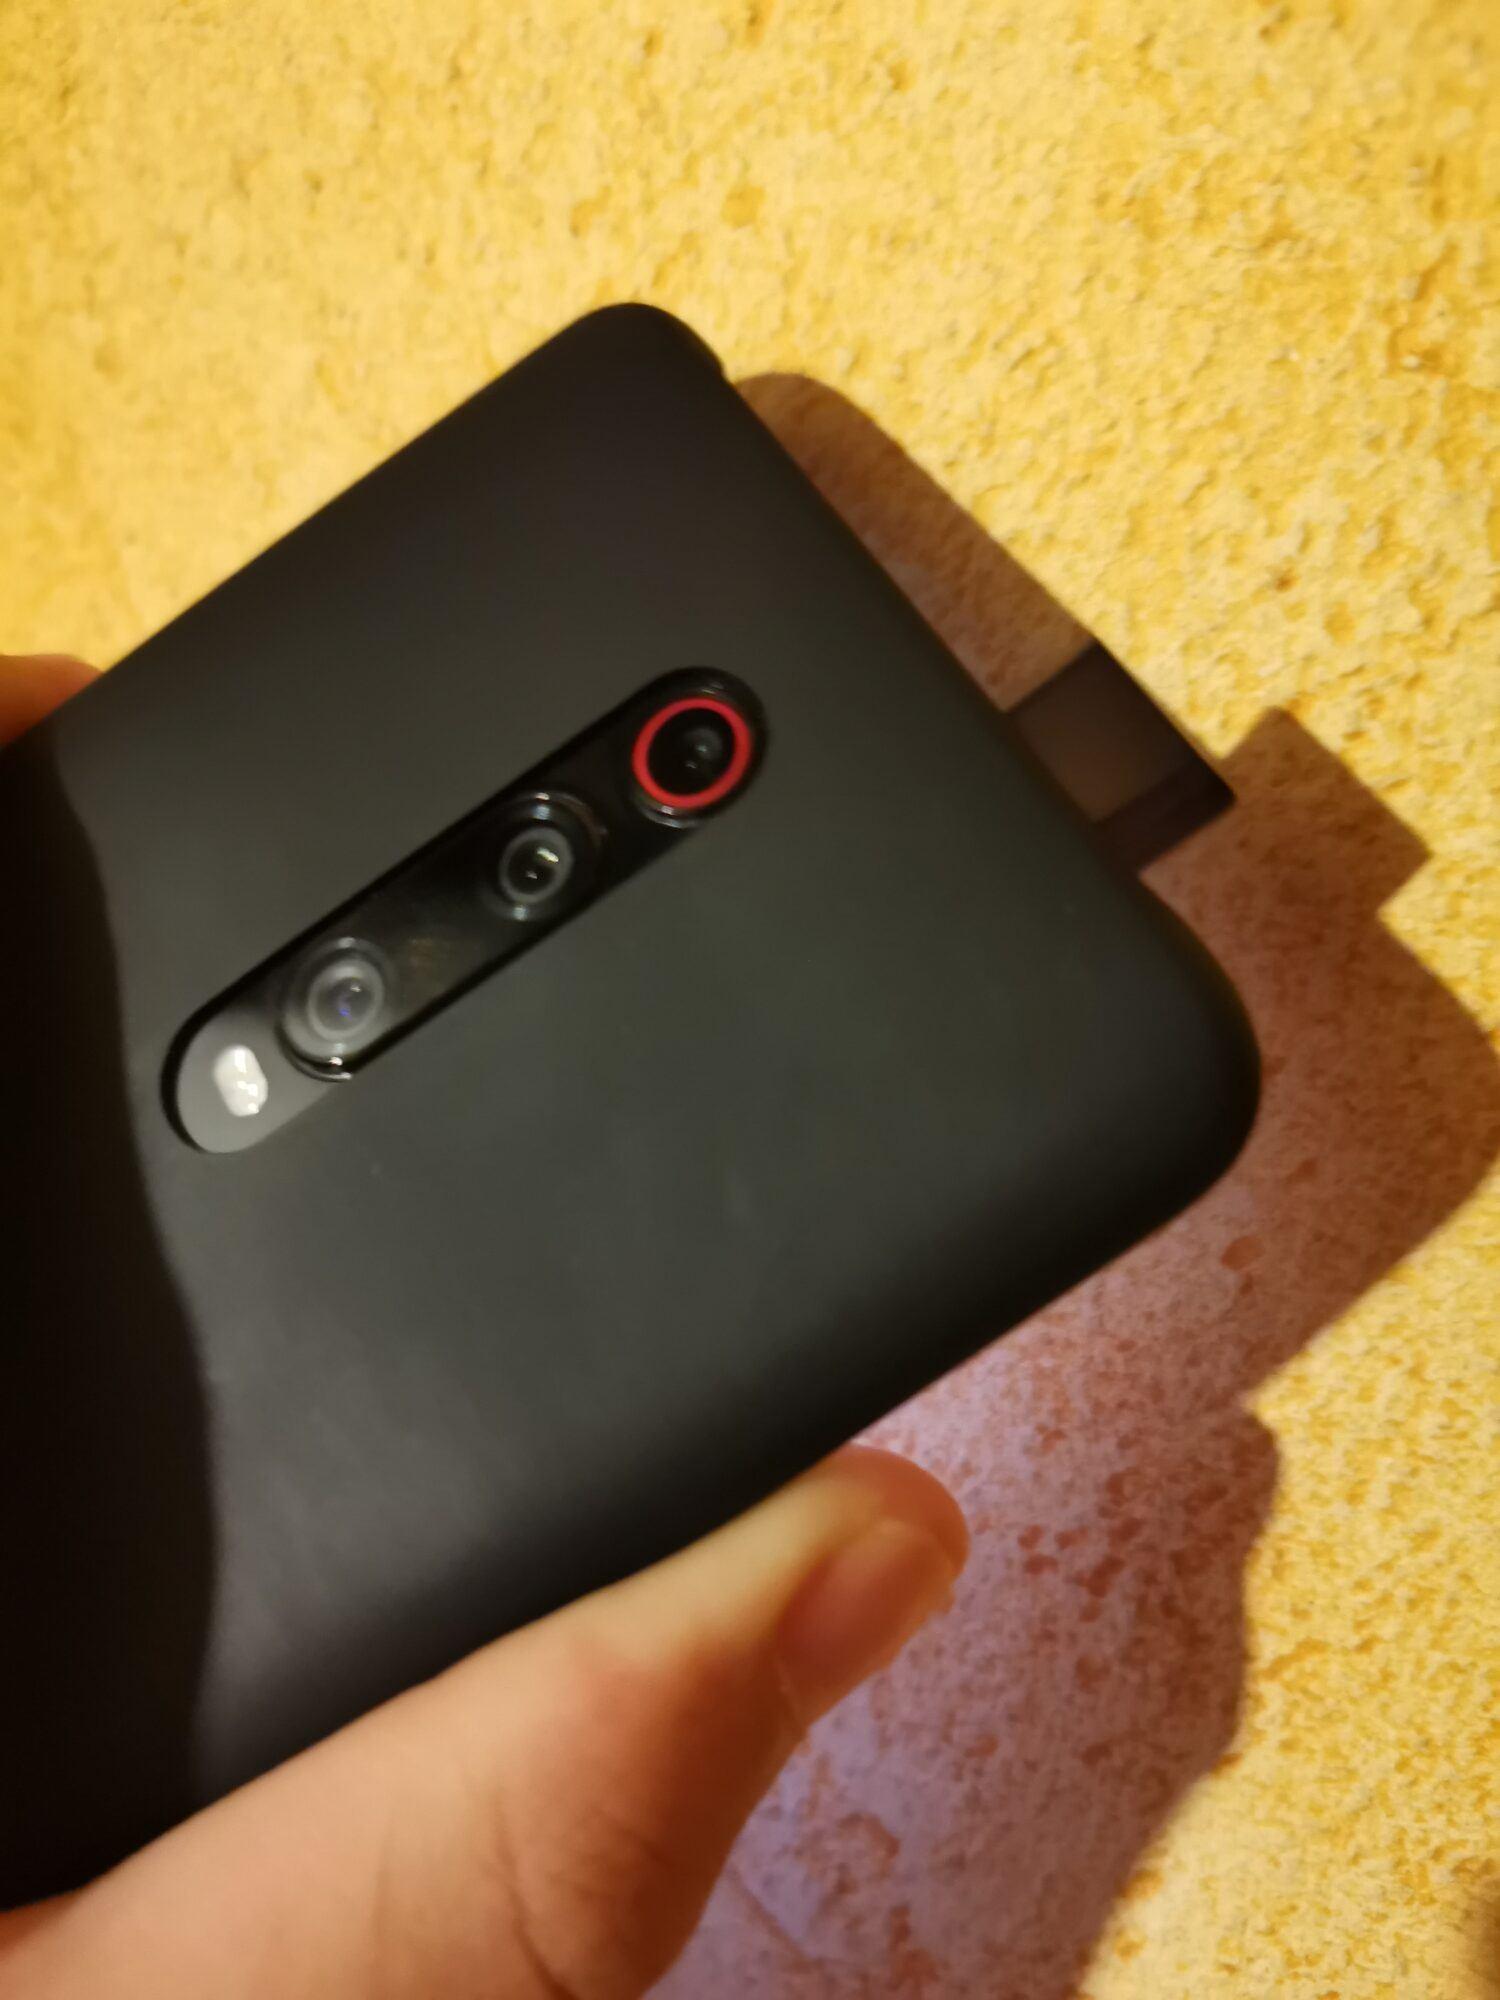 MI 9T Pro écran miui pop-up borderless boîte Snadpragon 855 48 MP dos coque charbon noir triple capteurs